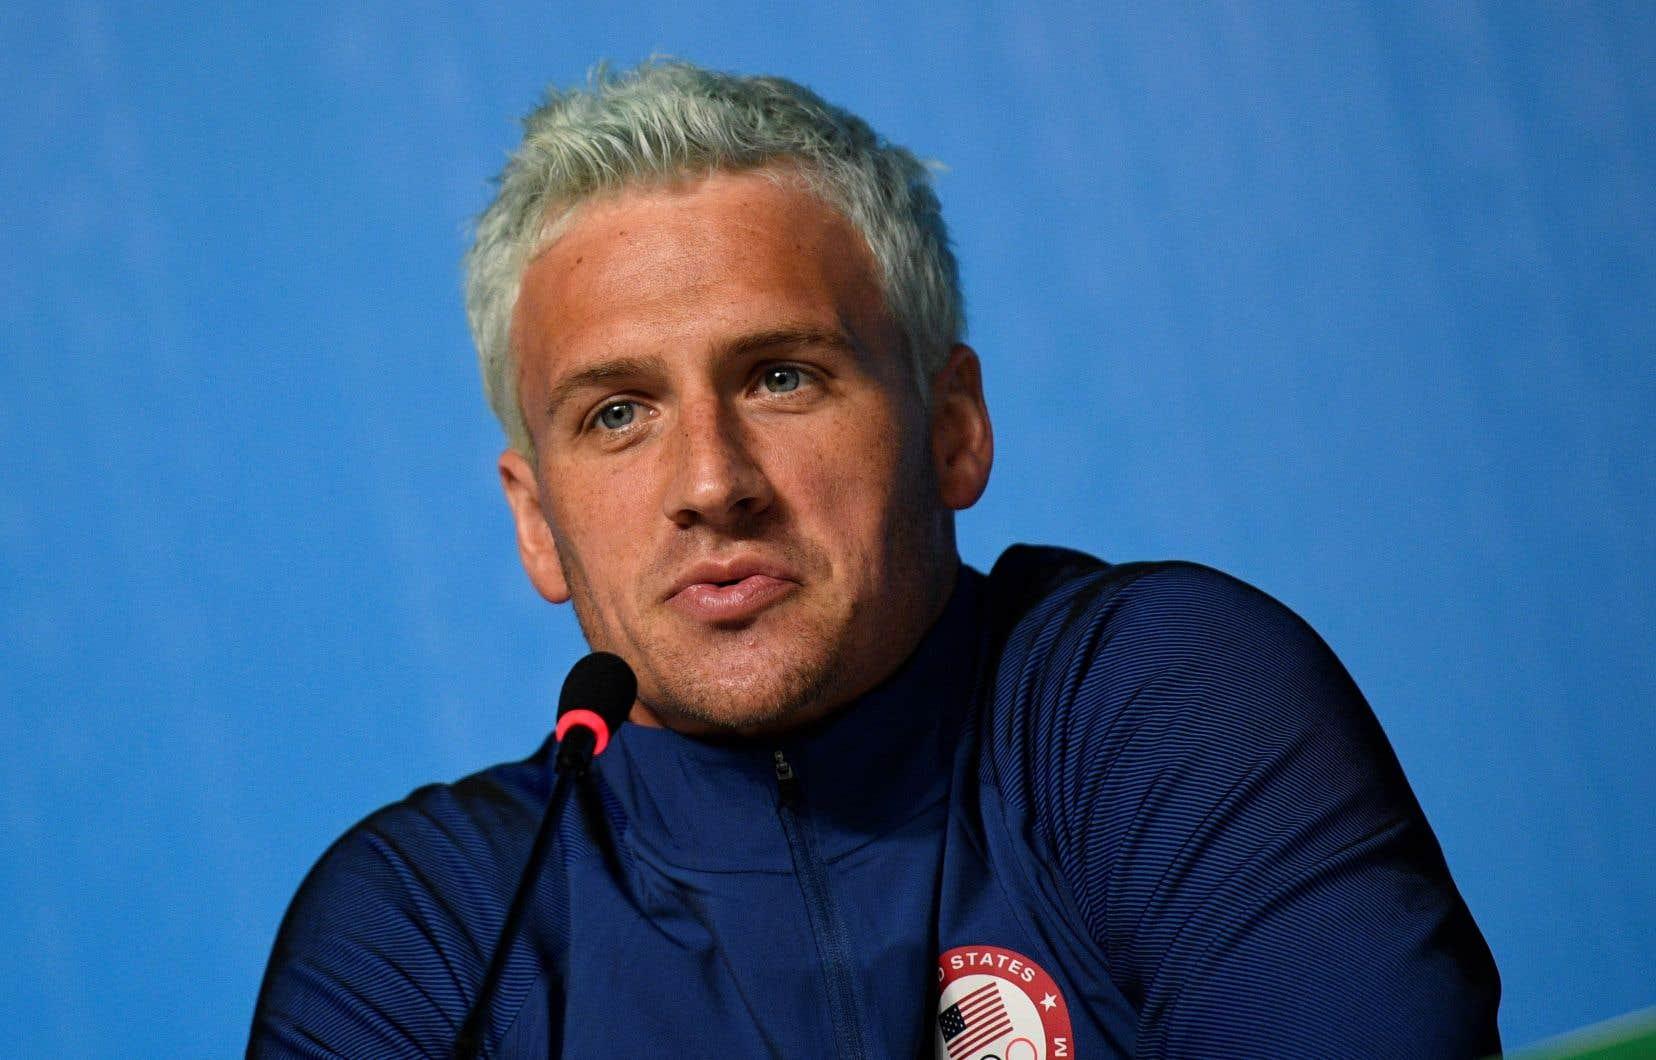 Le nageur Ryan Lochte a reçu une perfusion d'une substance légale, mais dépassant la limite autorisée par l'agence américaine antidopage.